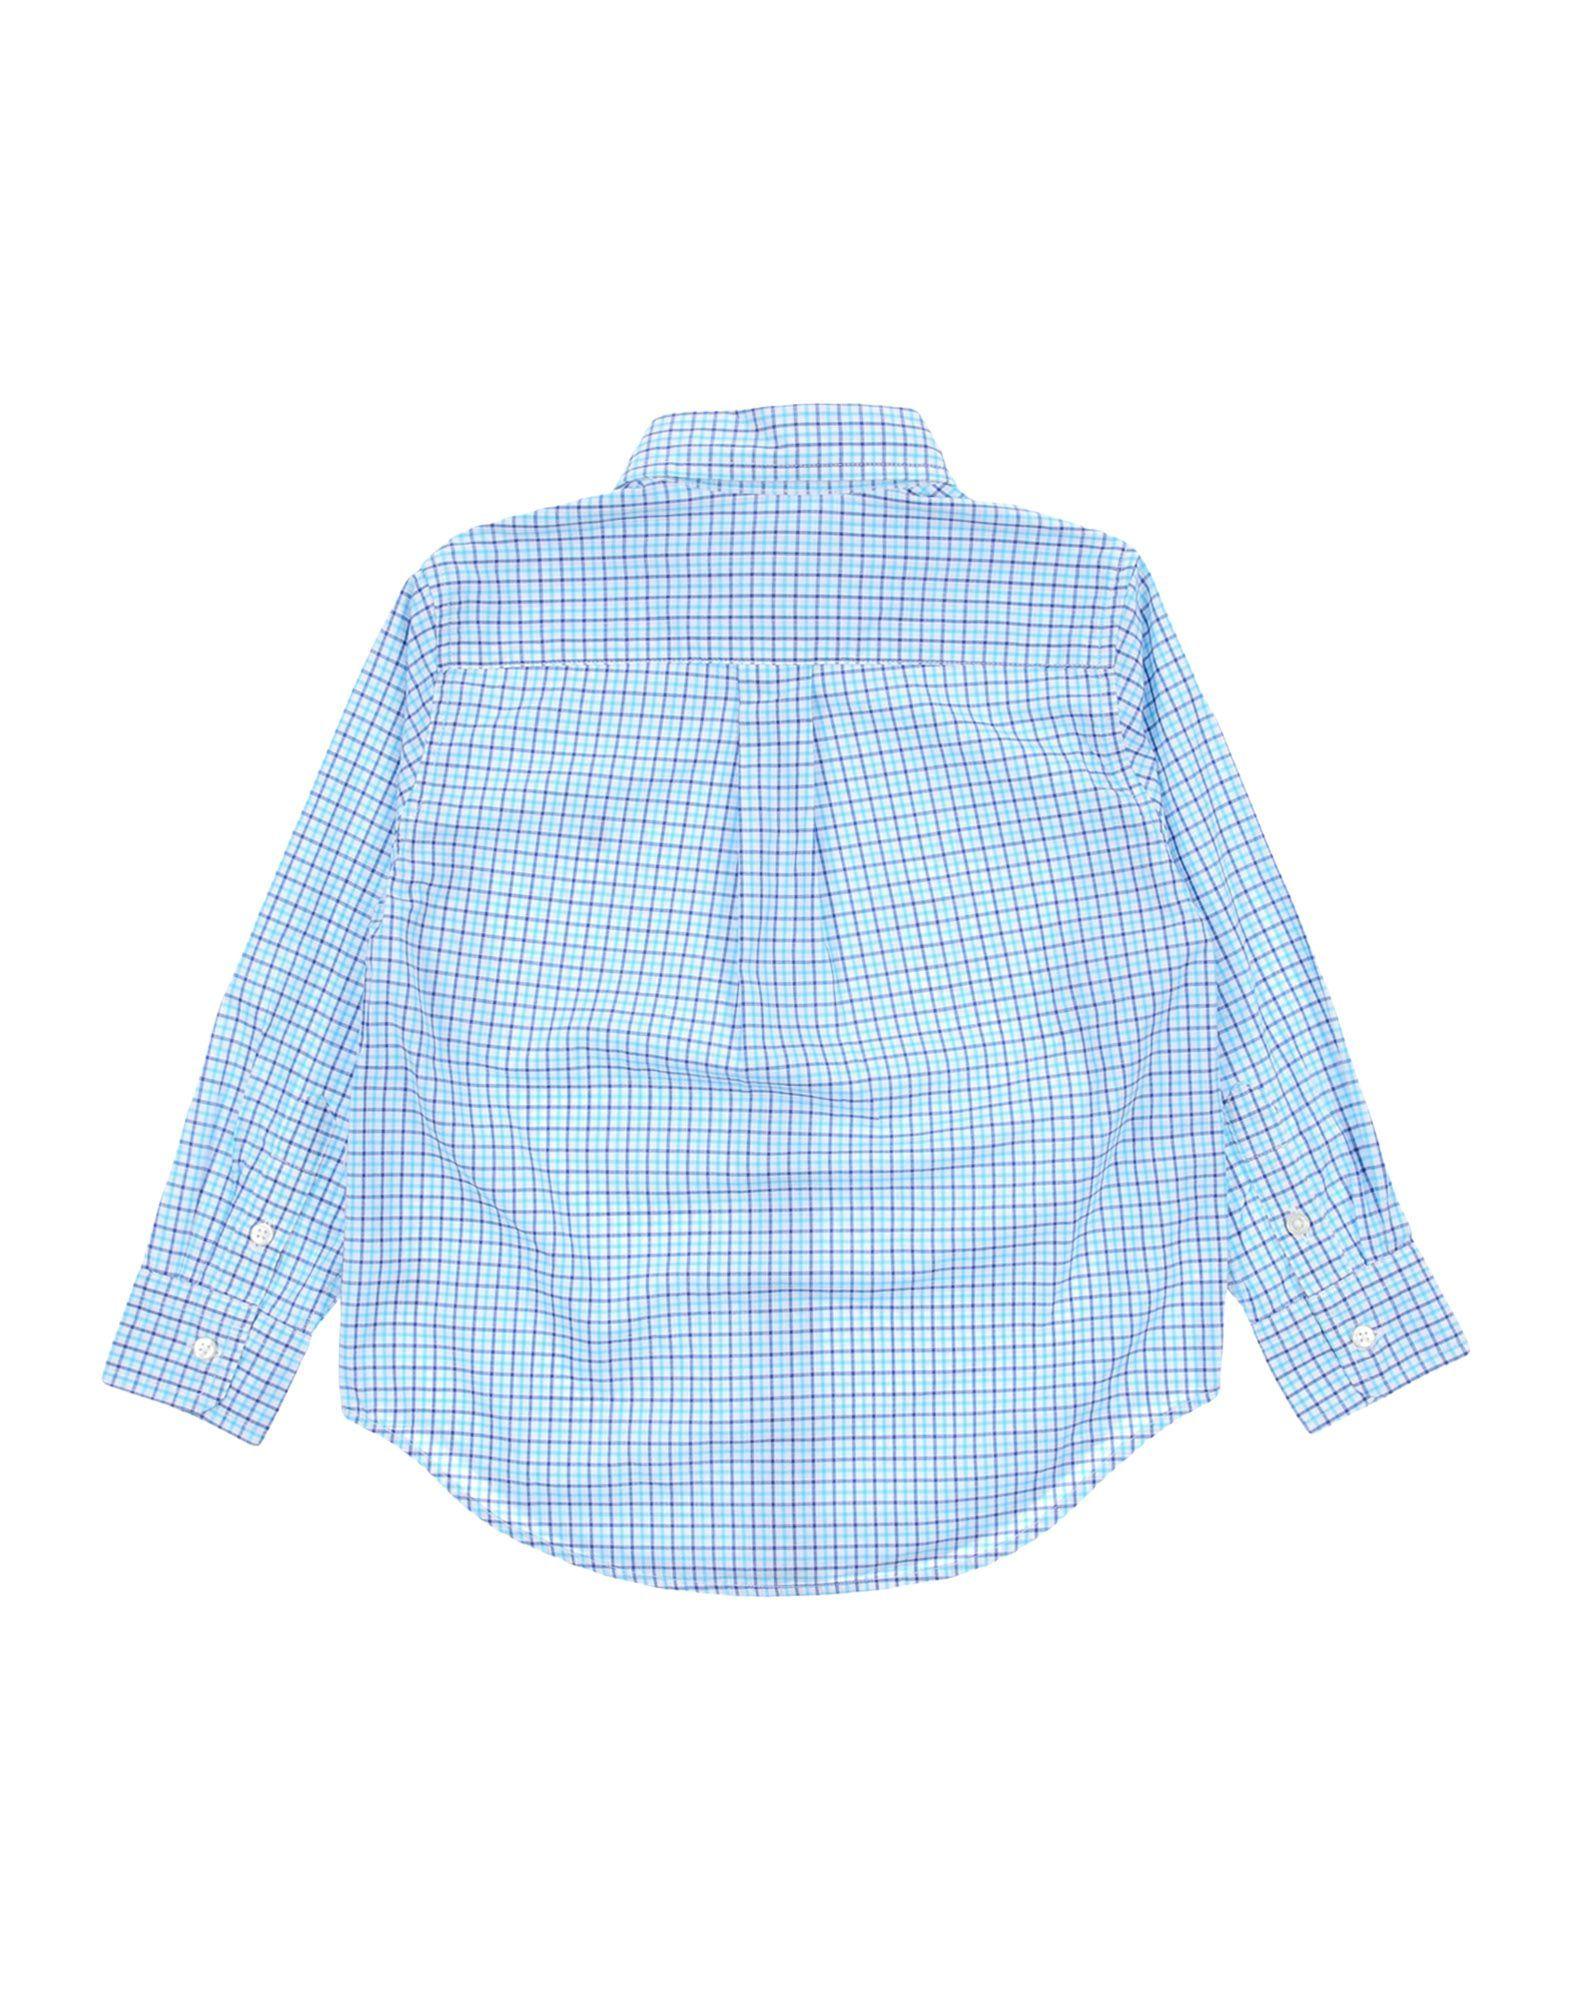 Ralph Lauren Cotton Check Shirt